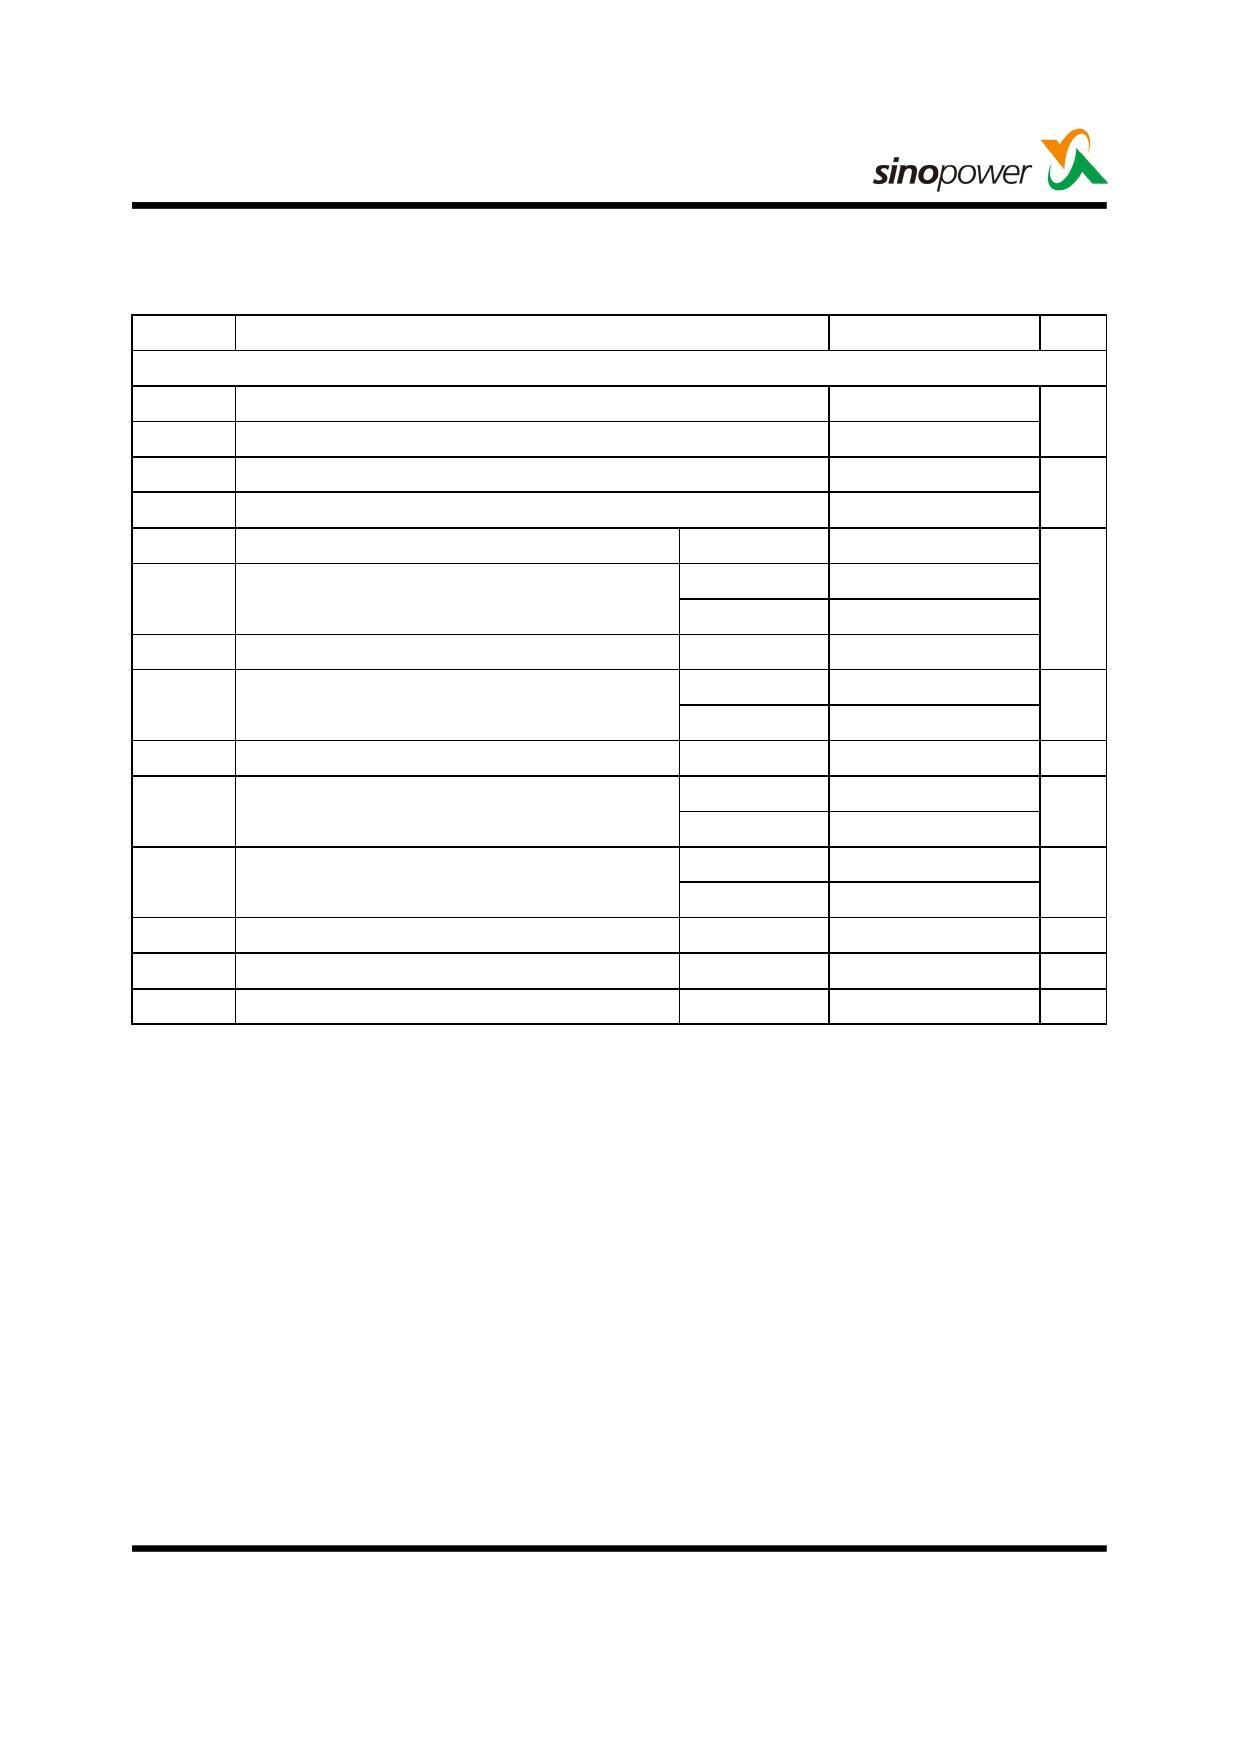 SM7575NSF pdf, schematic